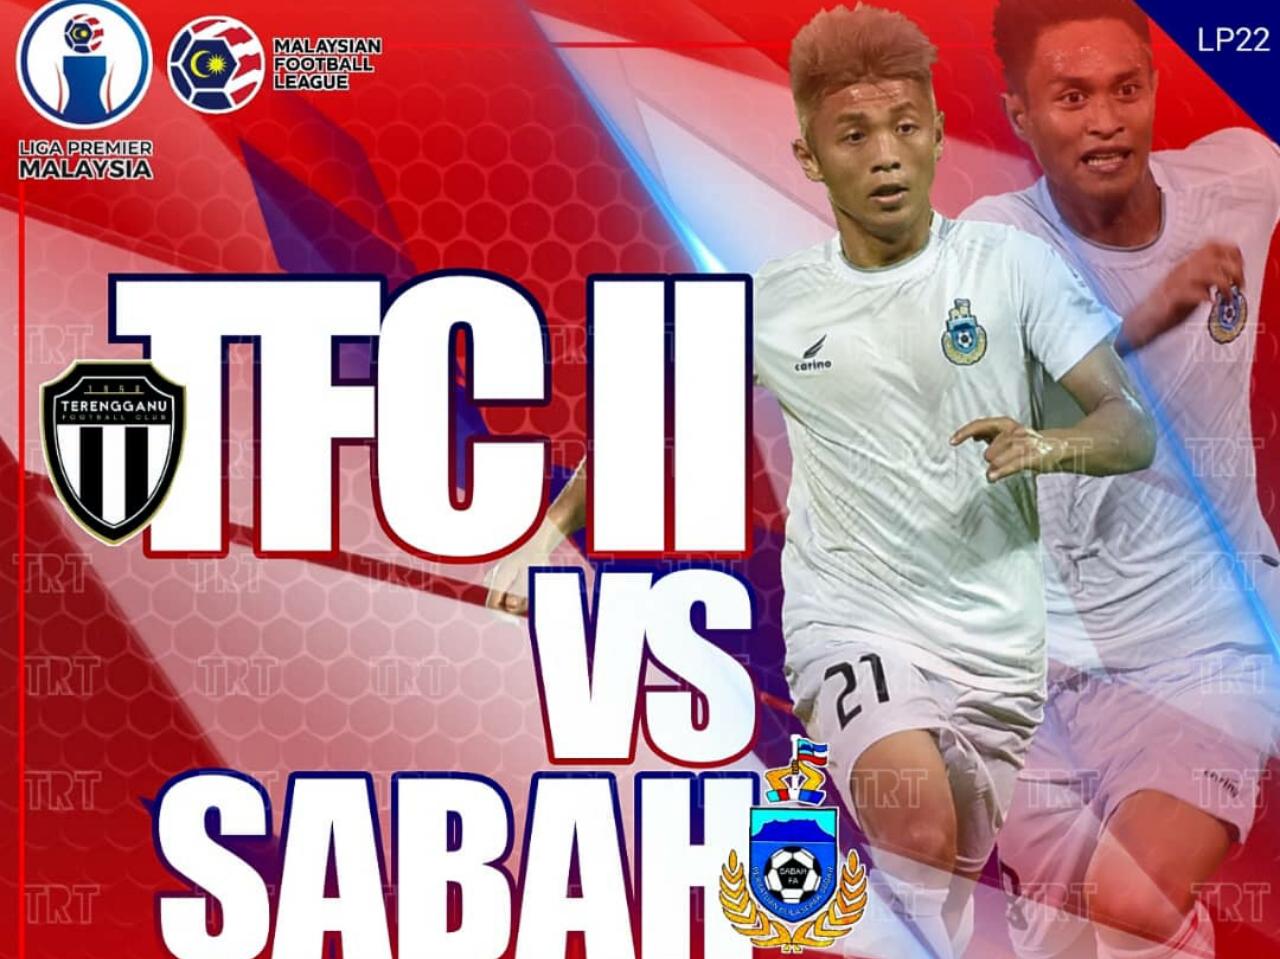 Sabah lengkapkan jadual LP2019 bertemu Terengganu FC II esok ini di Kuala Terengganu